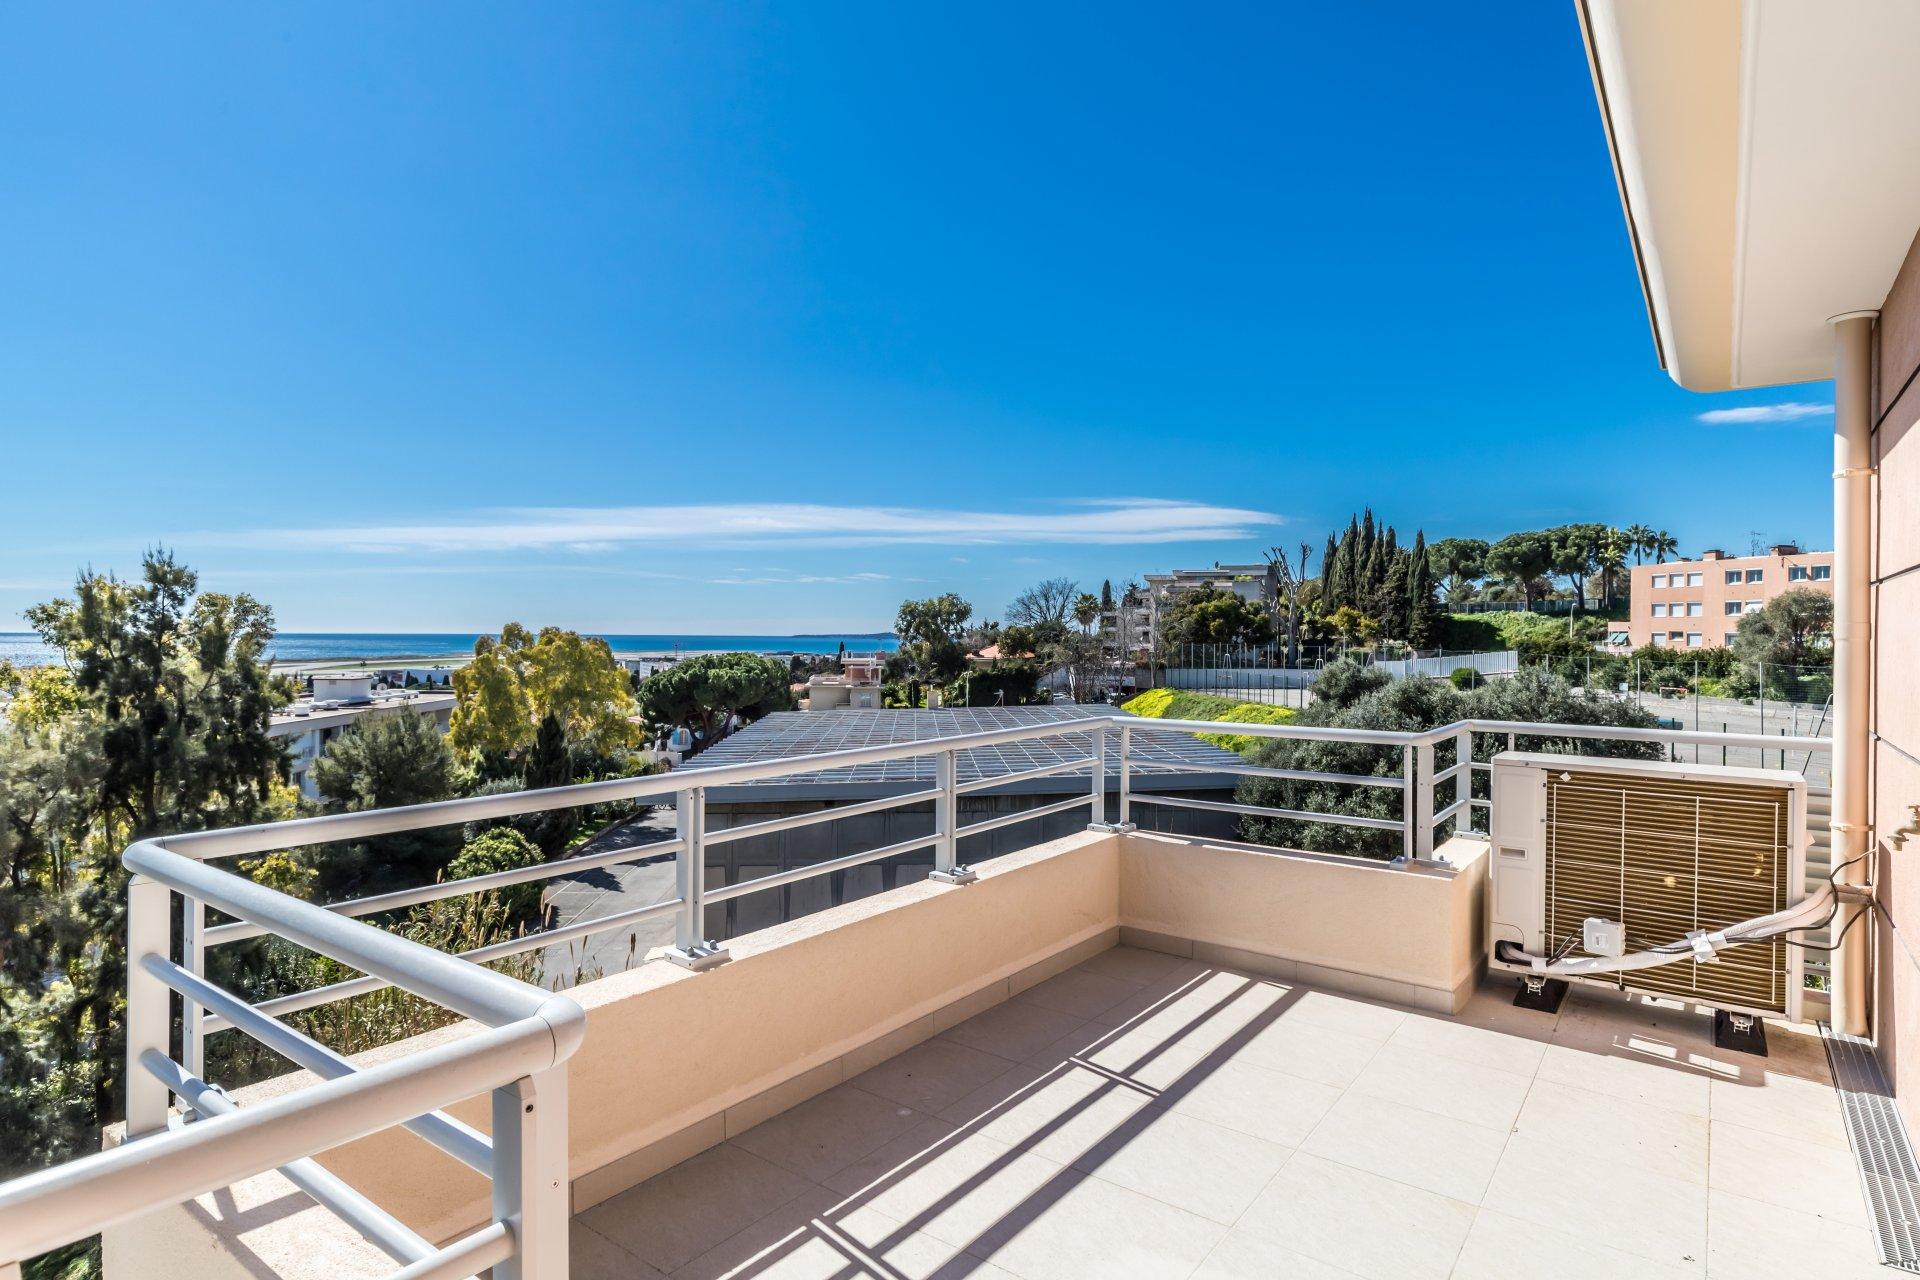 4 Pièces Dernier étage vue mer - Rés Panoramer Nice